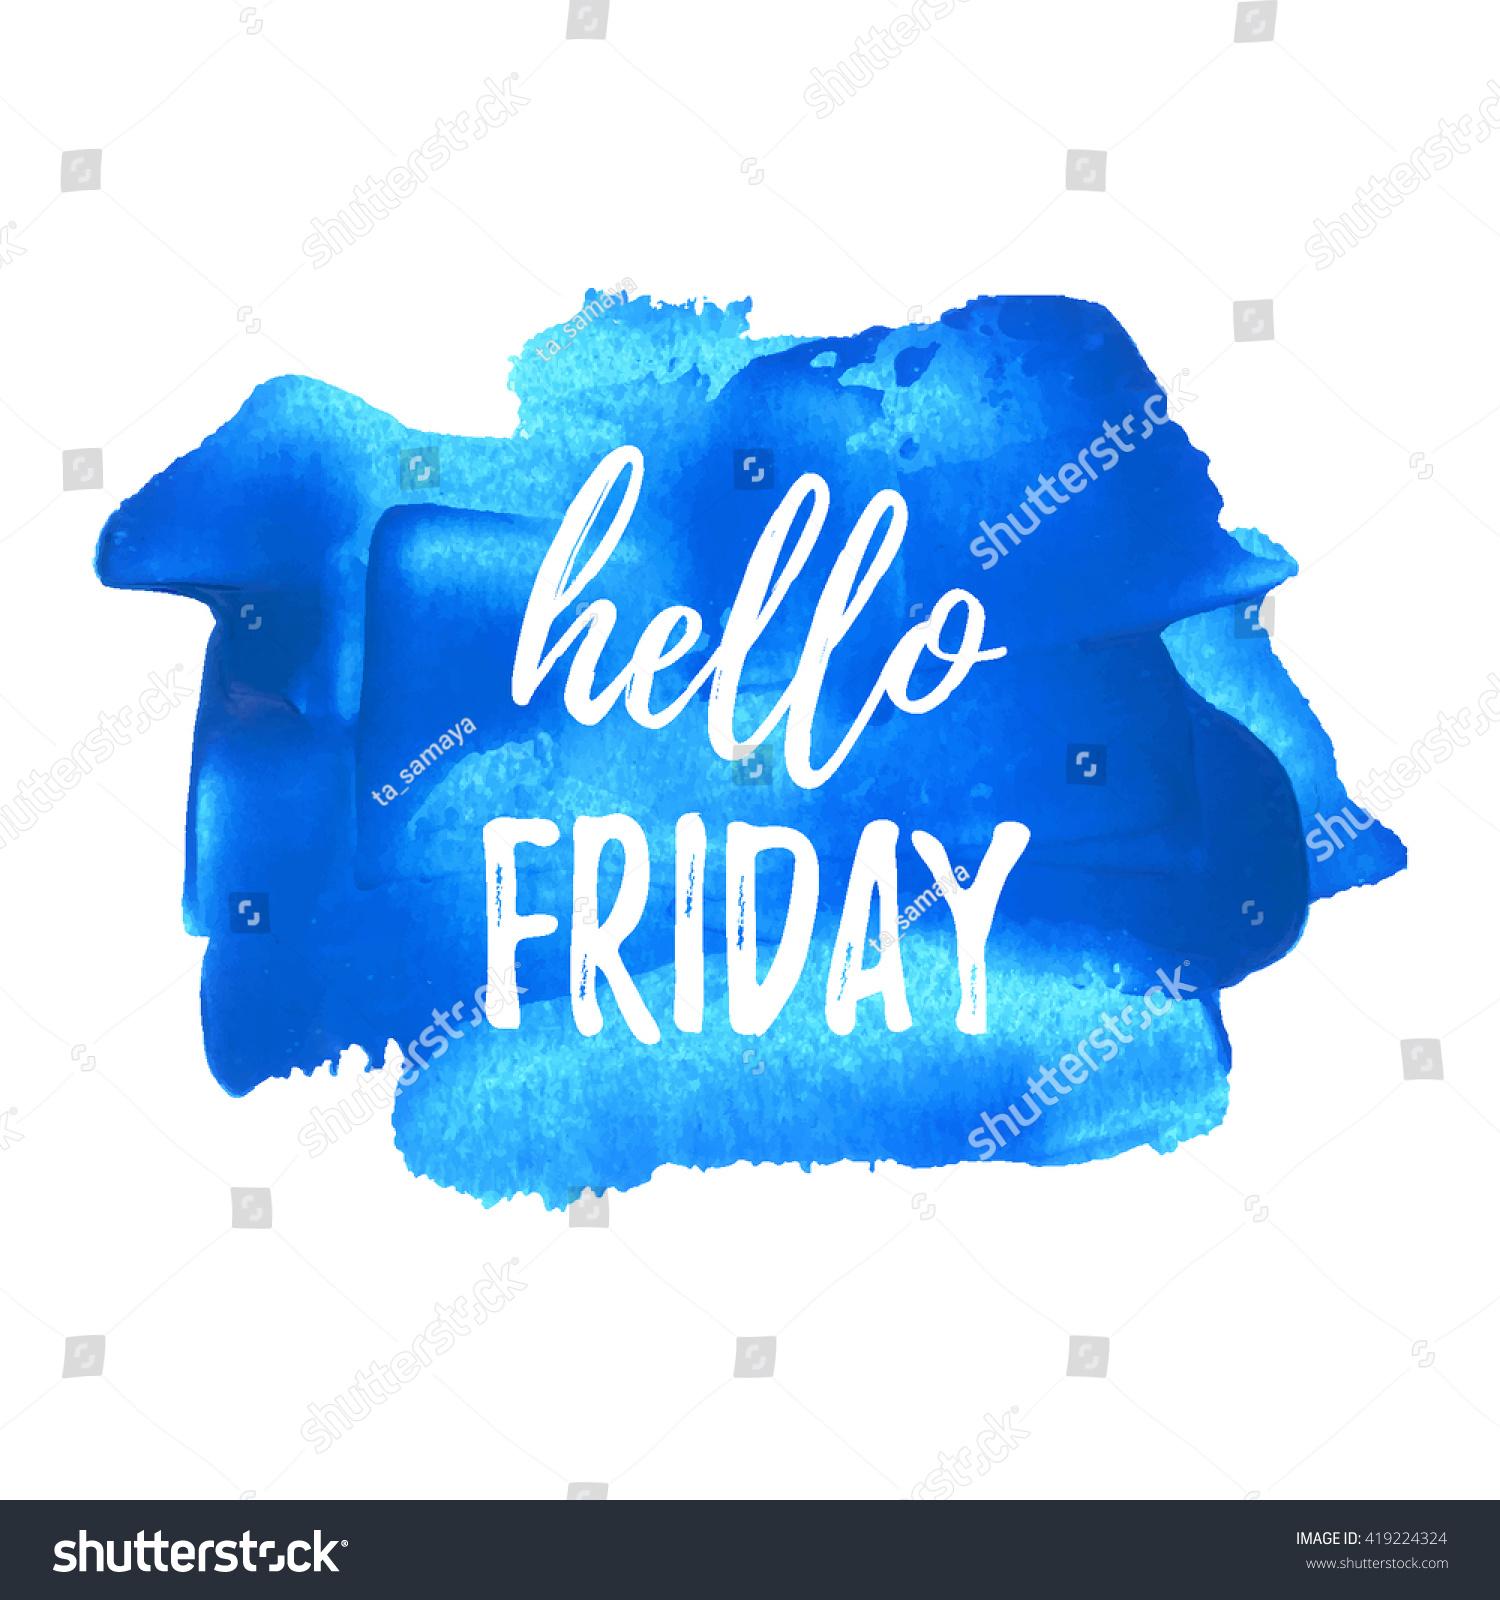 Hello Friday Card Poster Logo Illustration Stock Vector 419224324 - Shutterstock